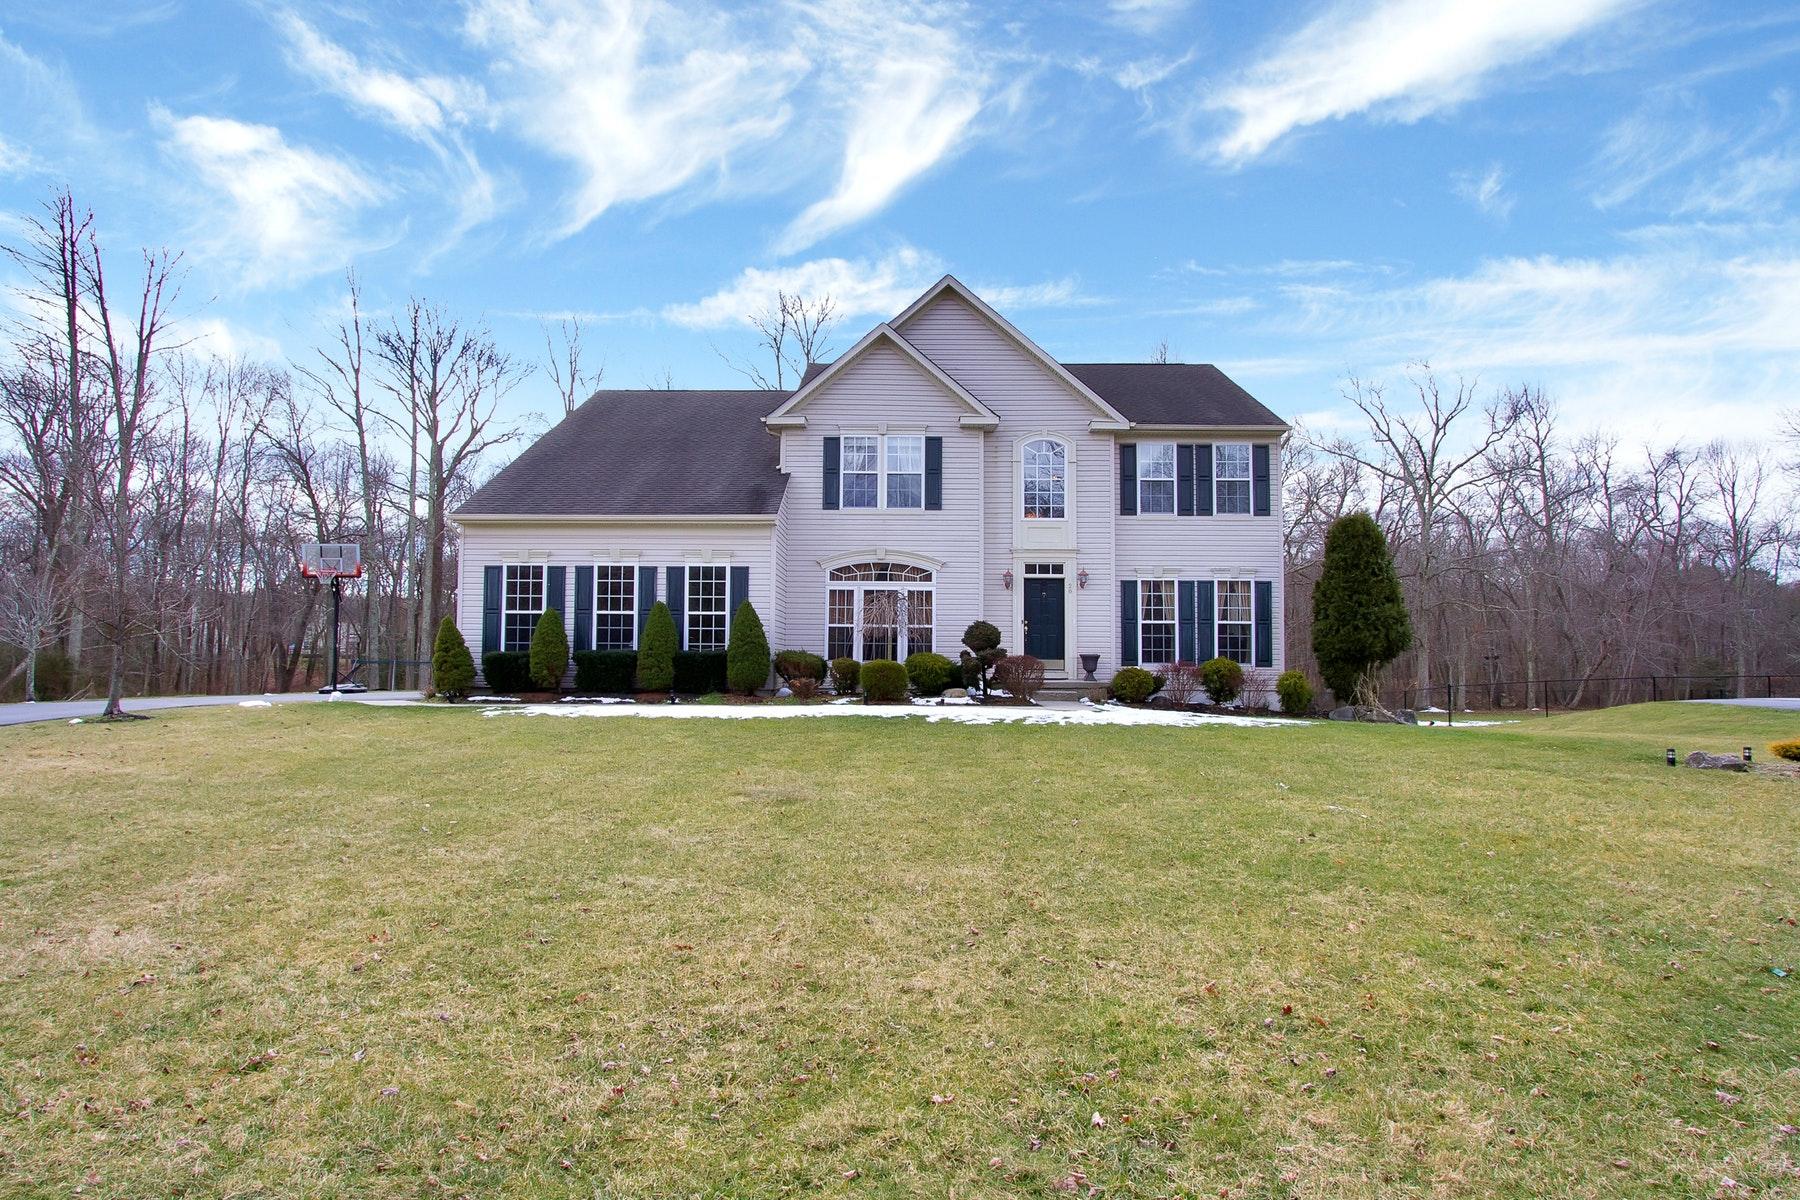 一戸建て のために 売買 アット 20 Fountain View Drive Jackson, ニュージャージー, 08527 アメリカ合衆国